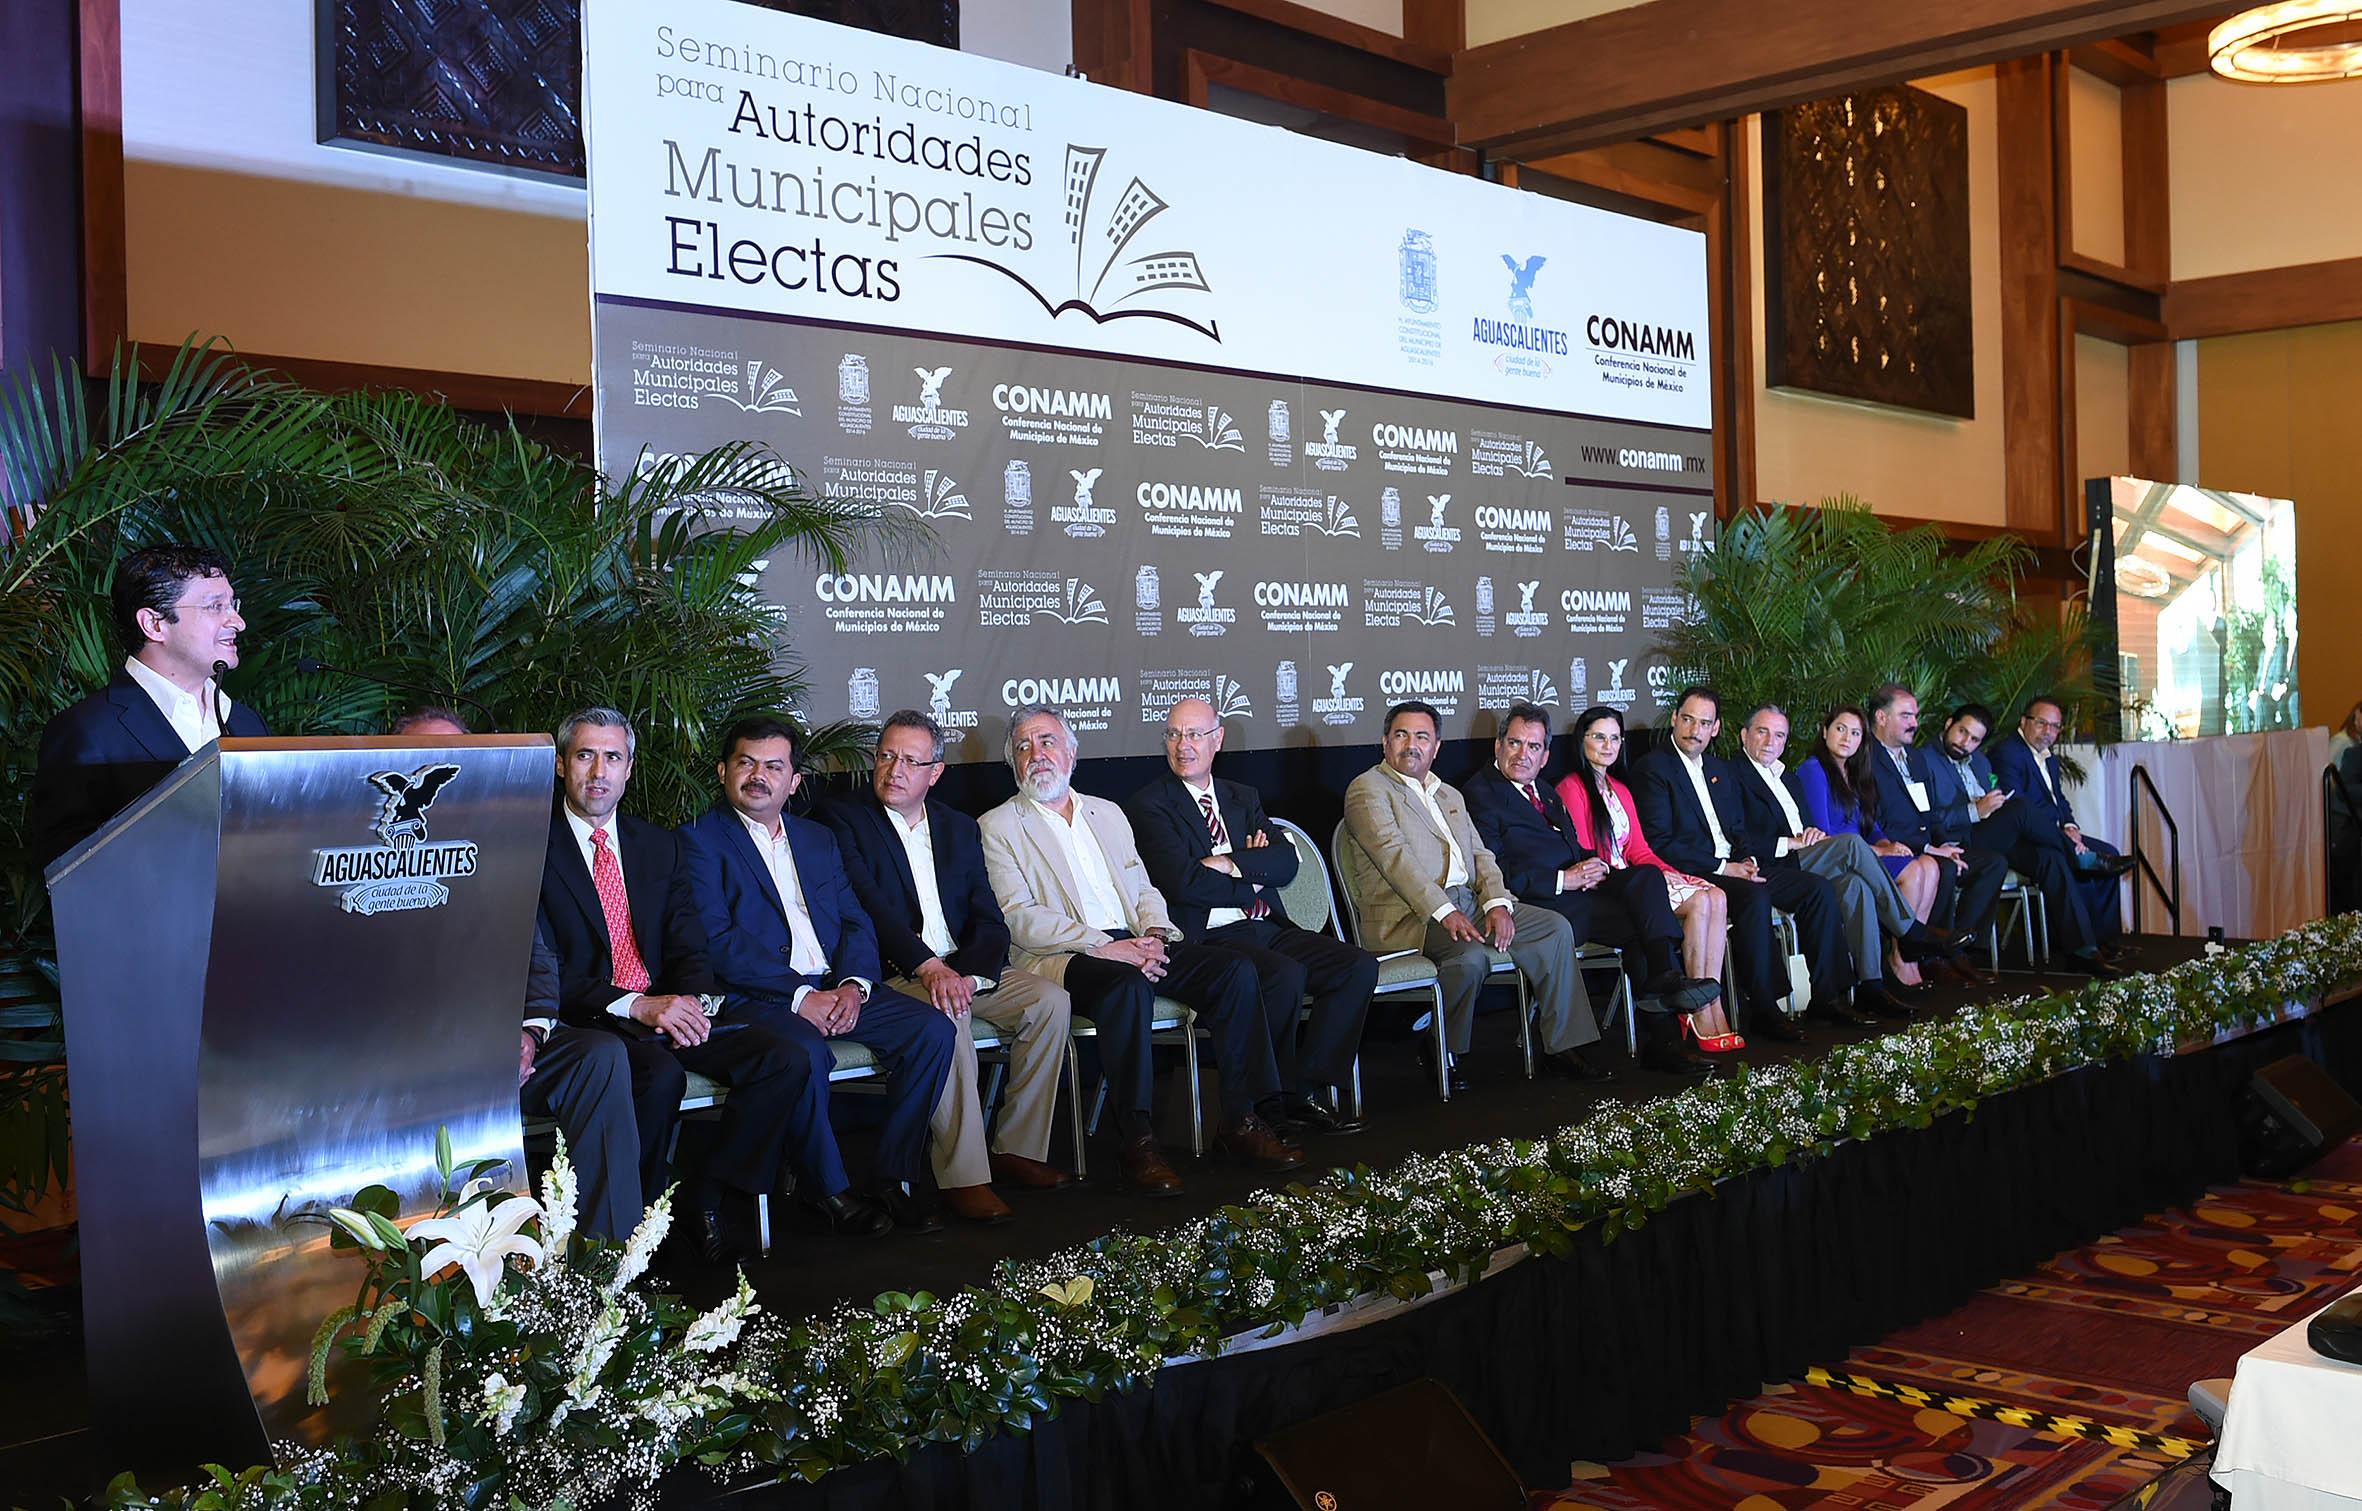 Participación del Secretario de la Función Pública, Virgilio Andrade Martínez, en la inauguración del Seminario Nacional para Autoridades Municipales Electas.